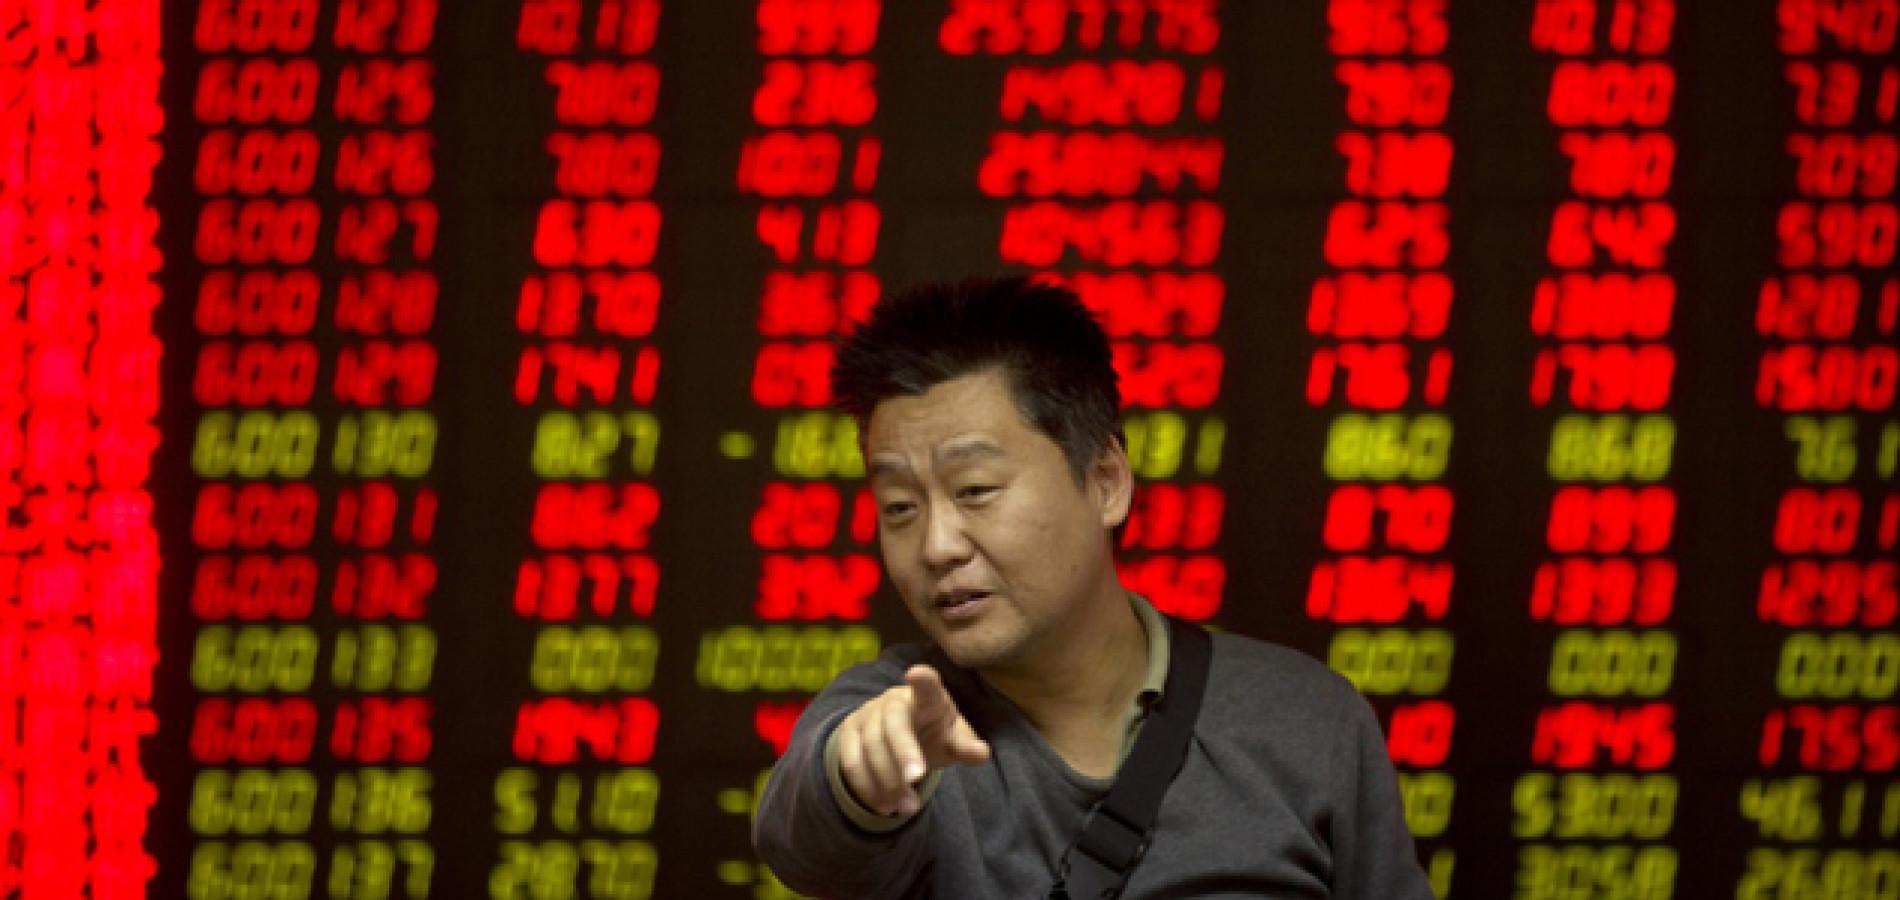 Перетряхивание с погромыхиванием. Чем грозит провал на биржах США и Китая